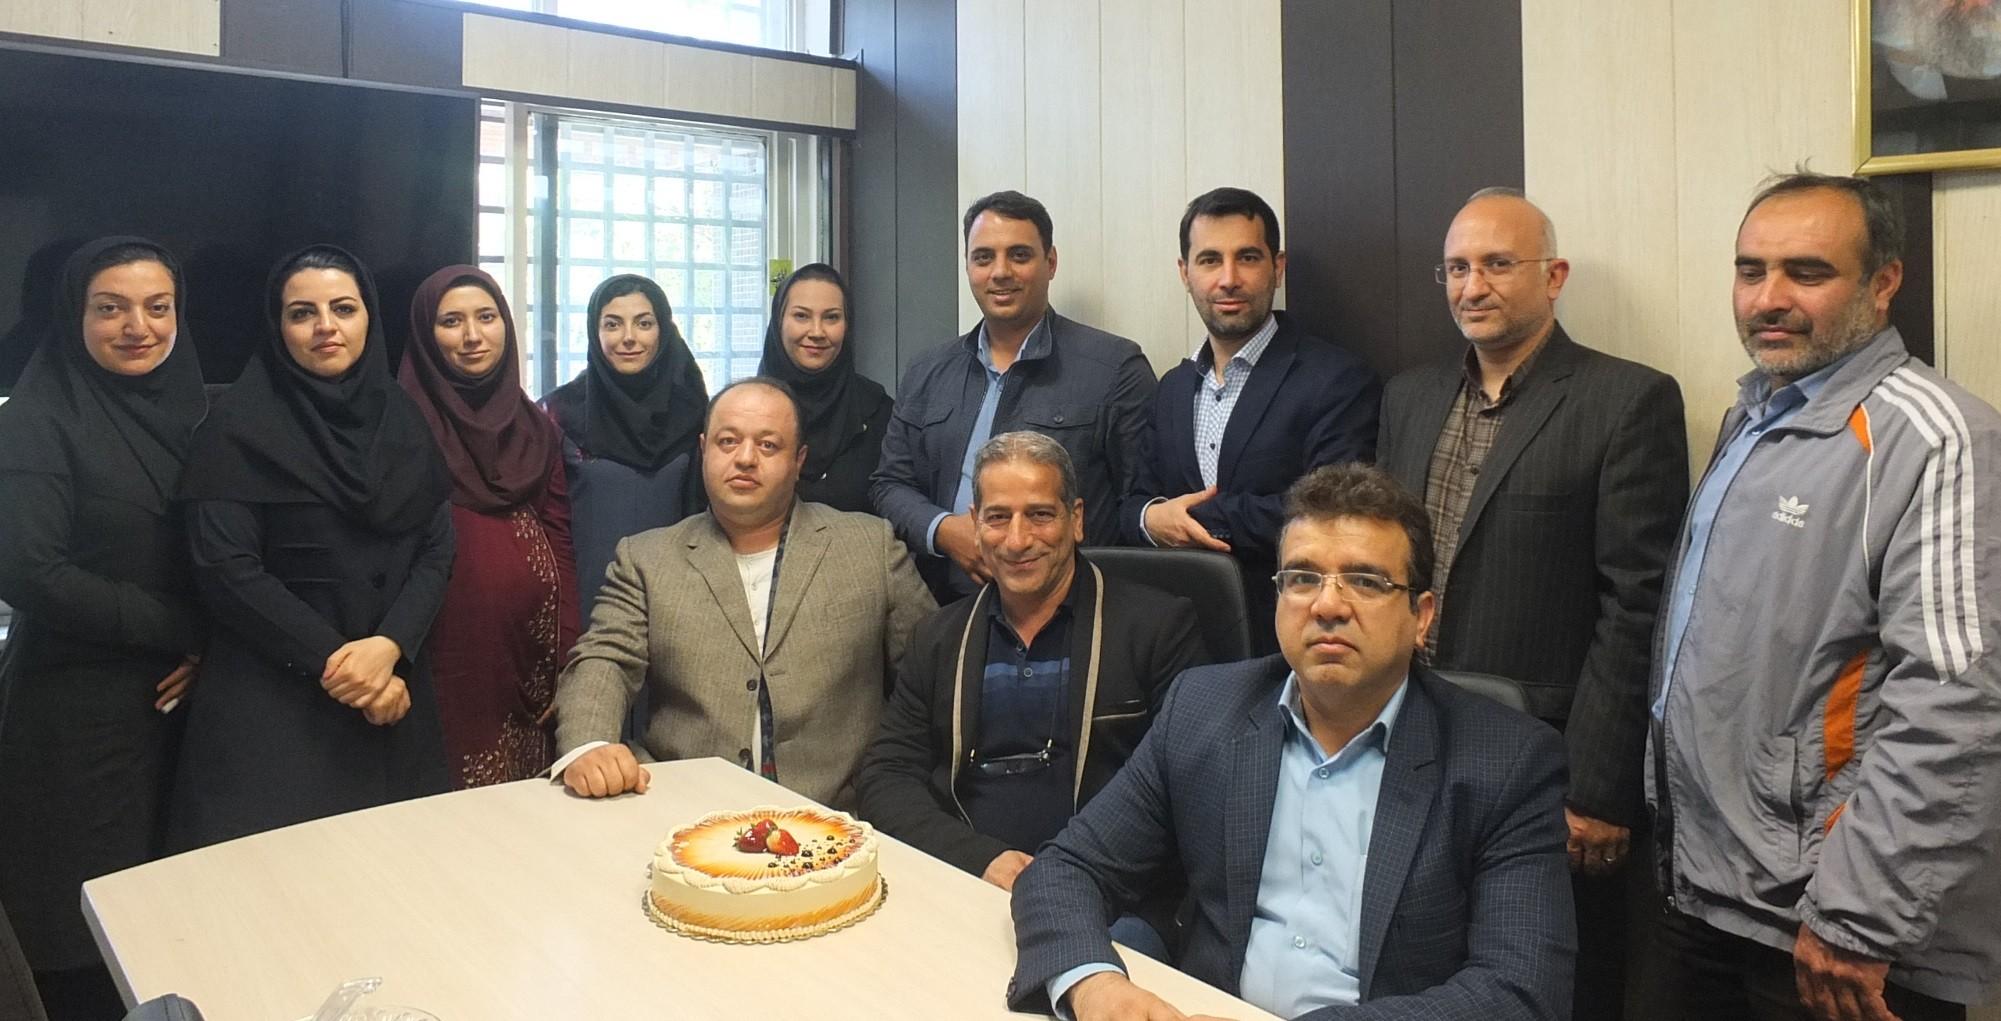 هماندیشی رییس جهاد دانشگاهی علوم پزشکی تهران با کارکنان